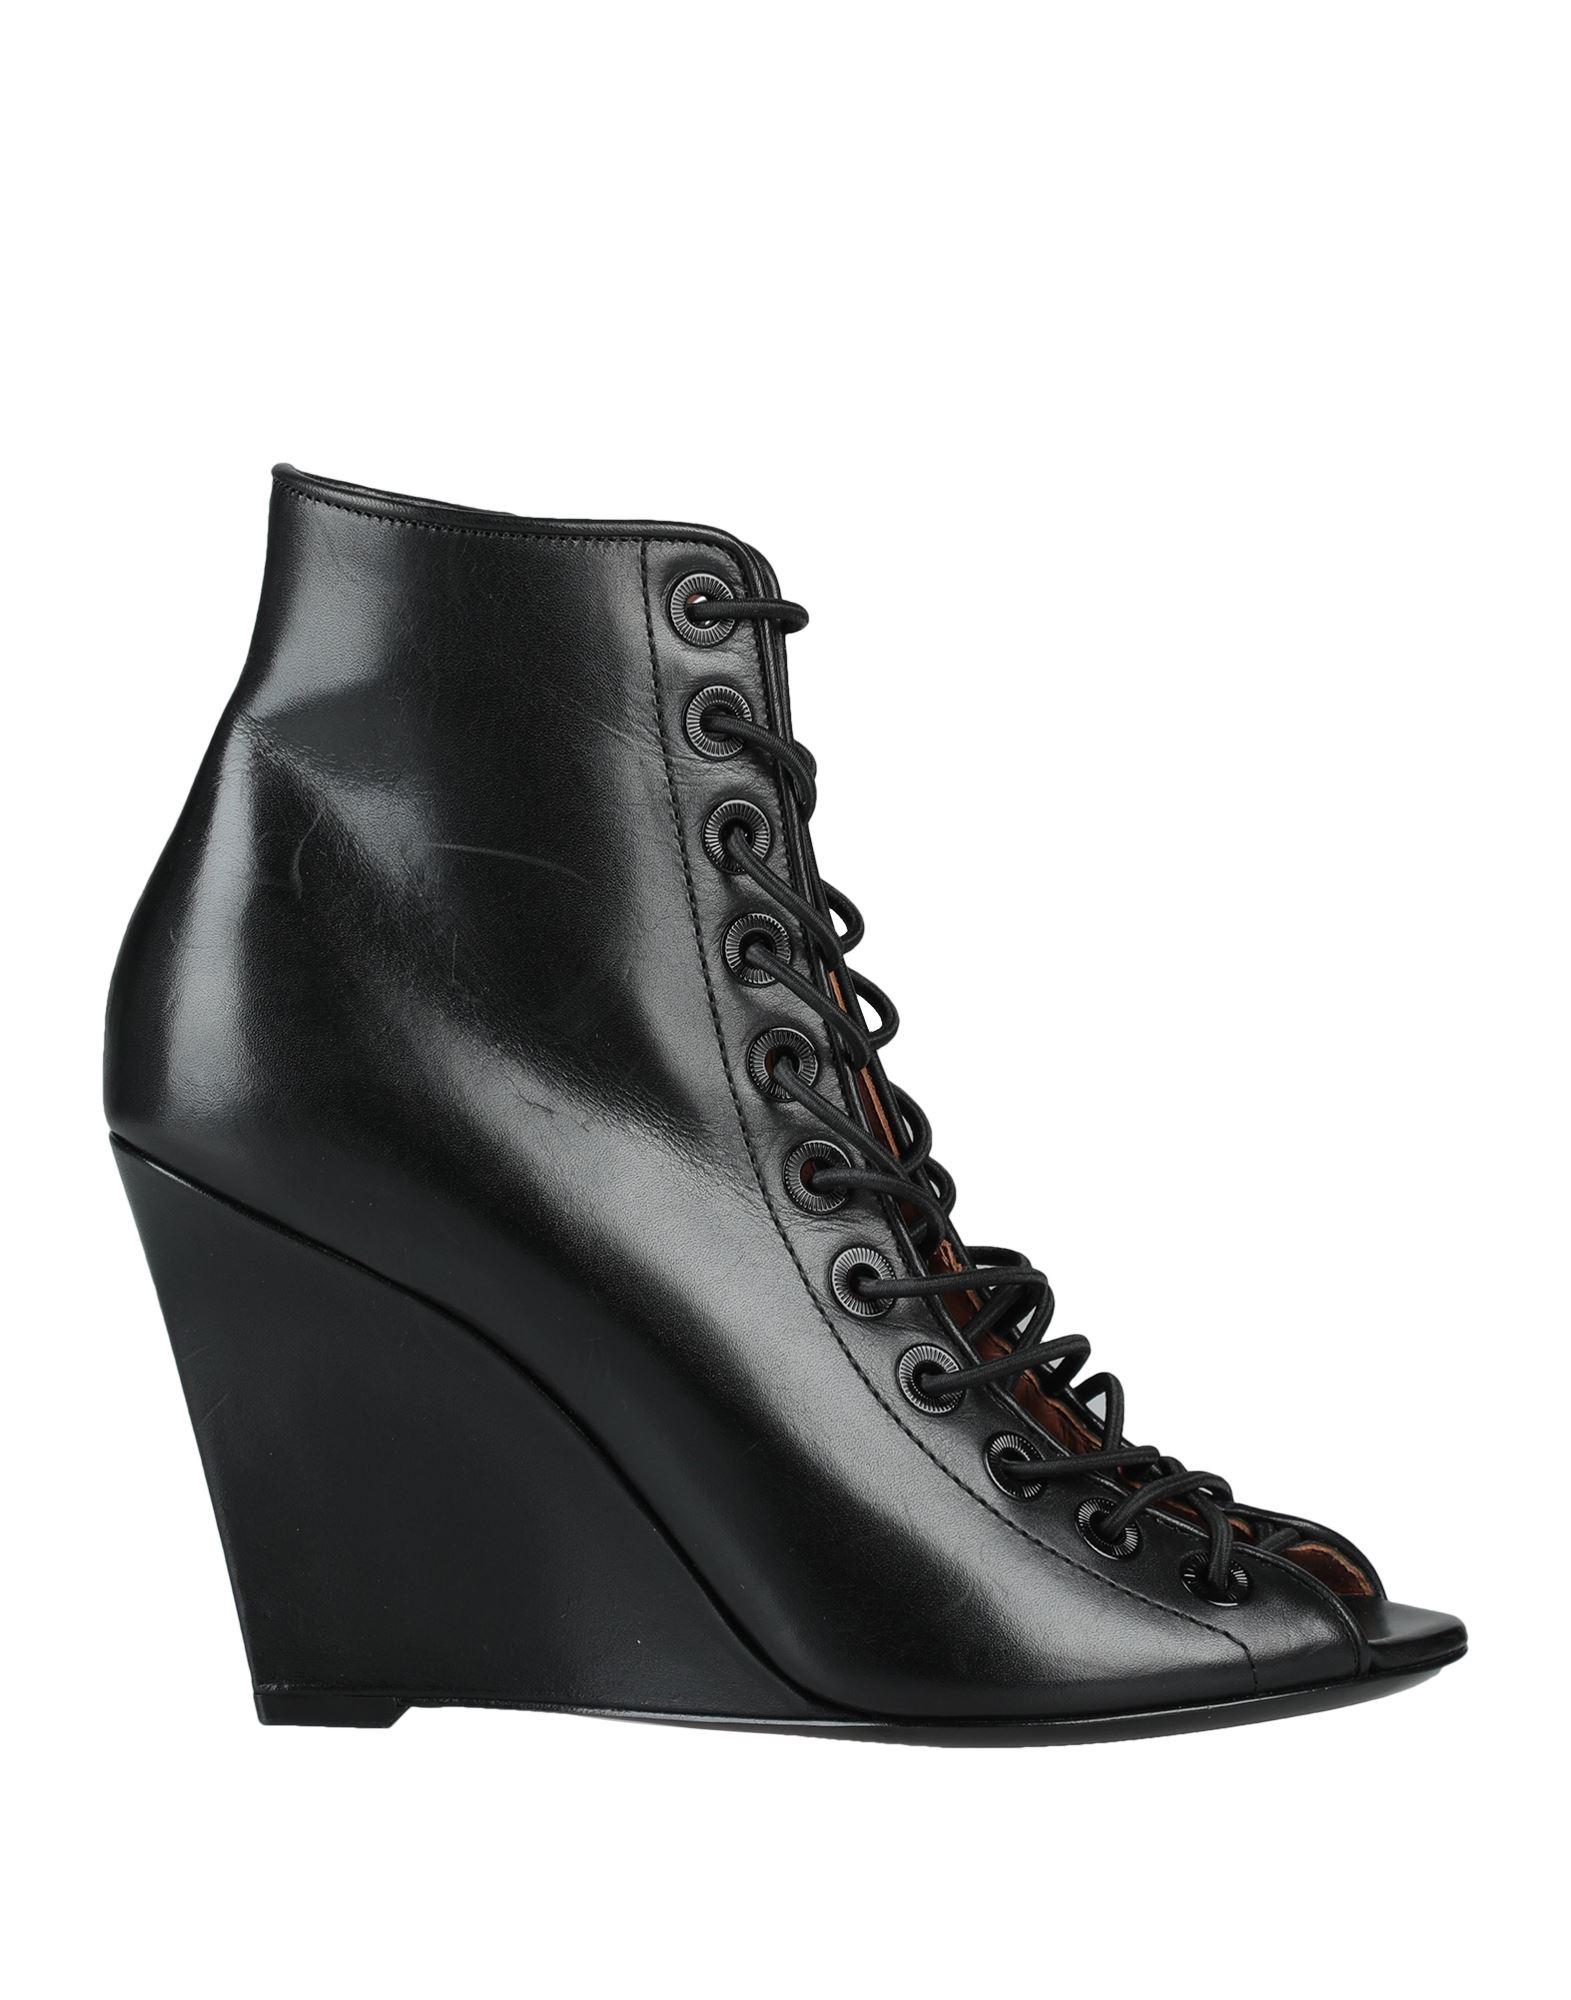 Givenchy Stiefelette Damen  11092825TIGünstige gut aussehende Schuhe